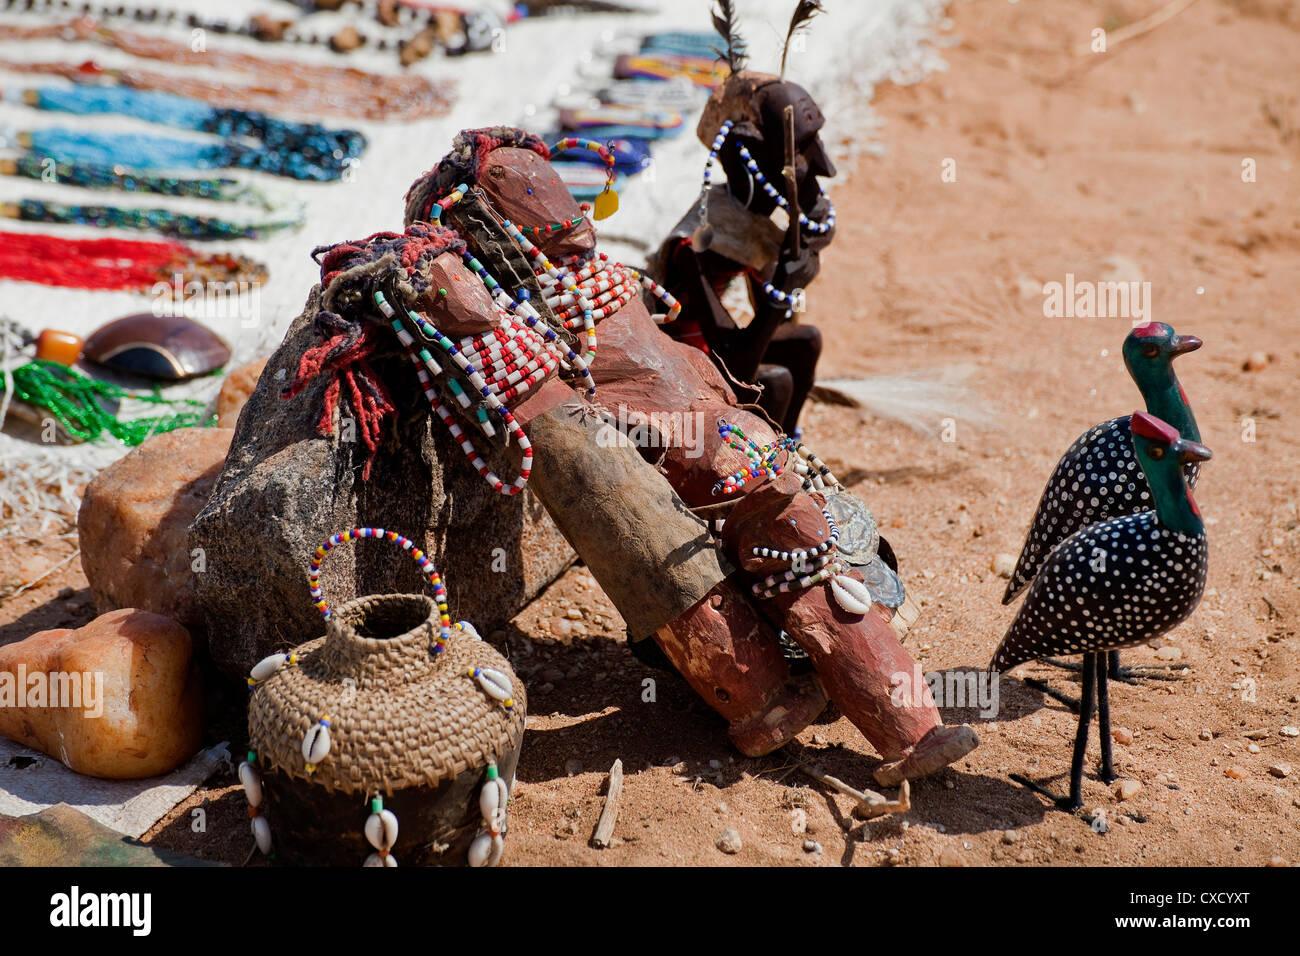 outdoor market in Kenya - Stock Image